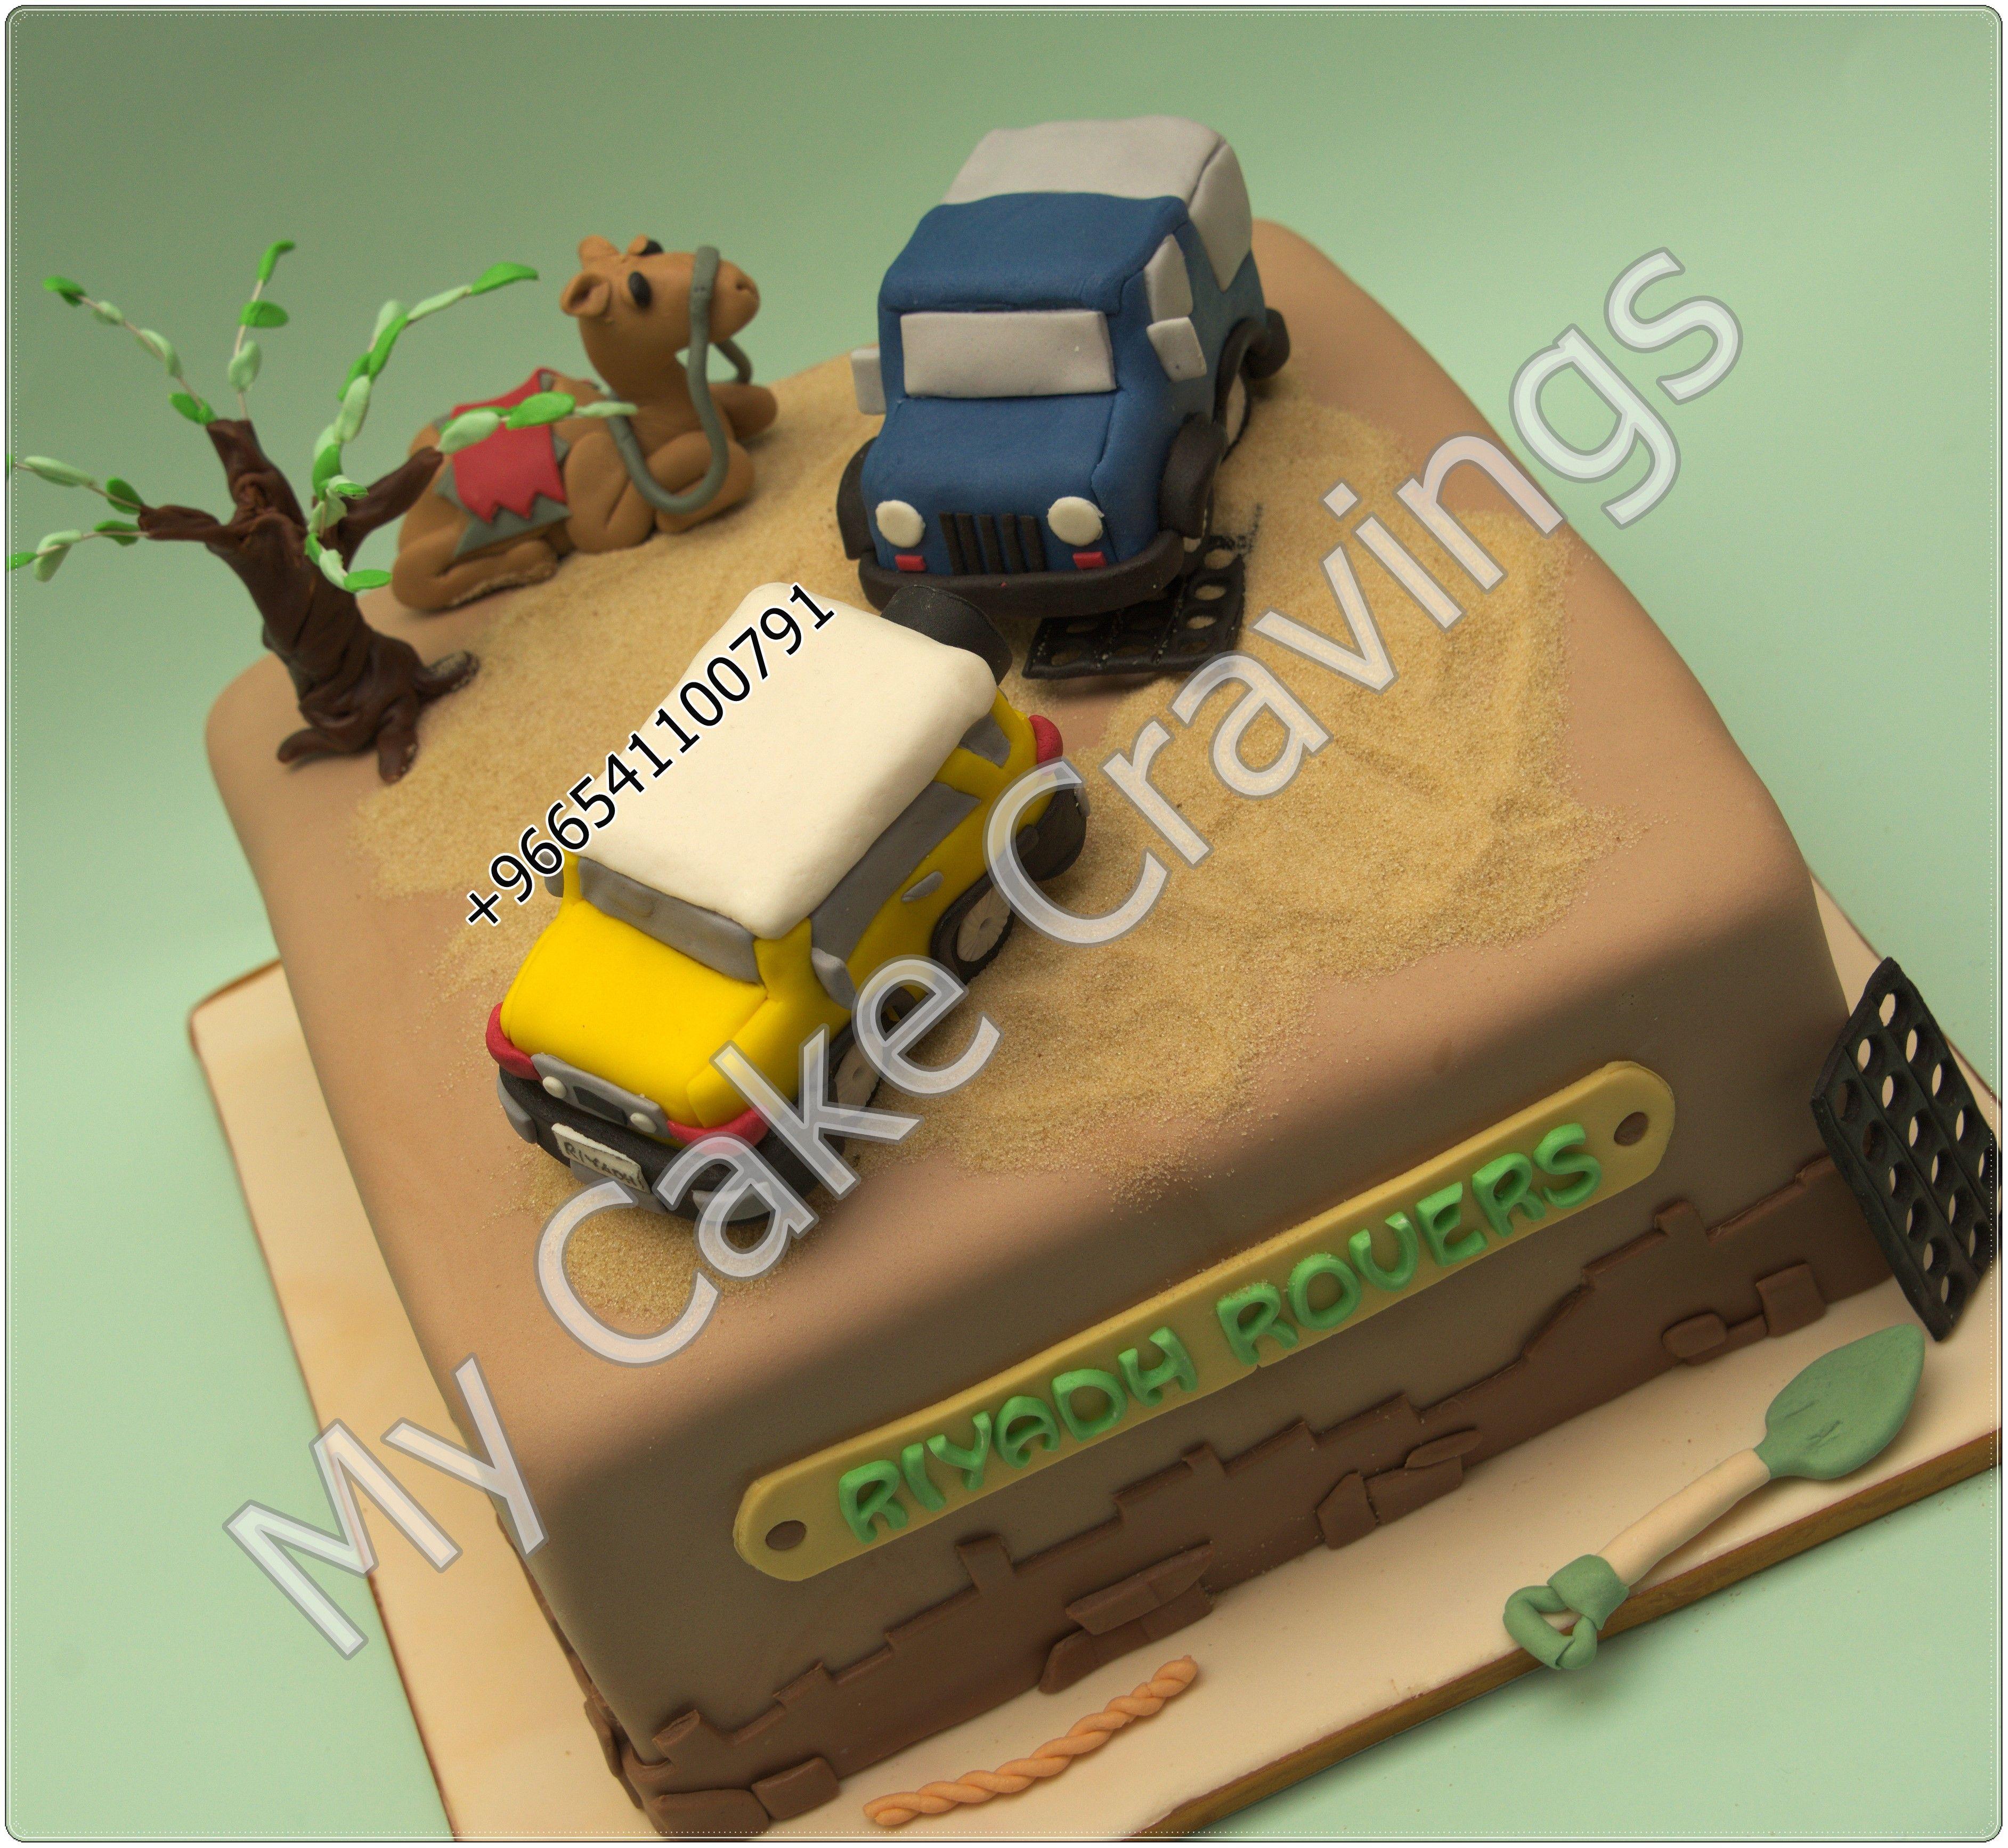 Desert adventure Desert safari camel cake topper sand dunes sand